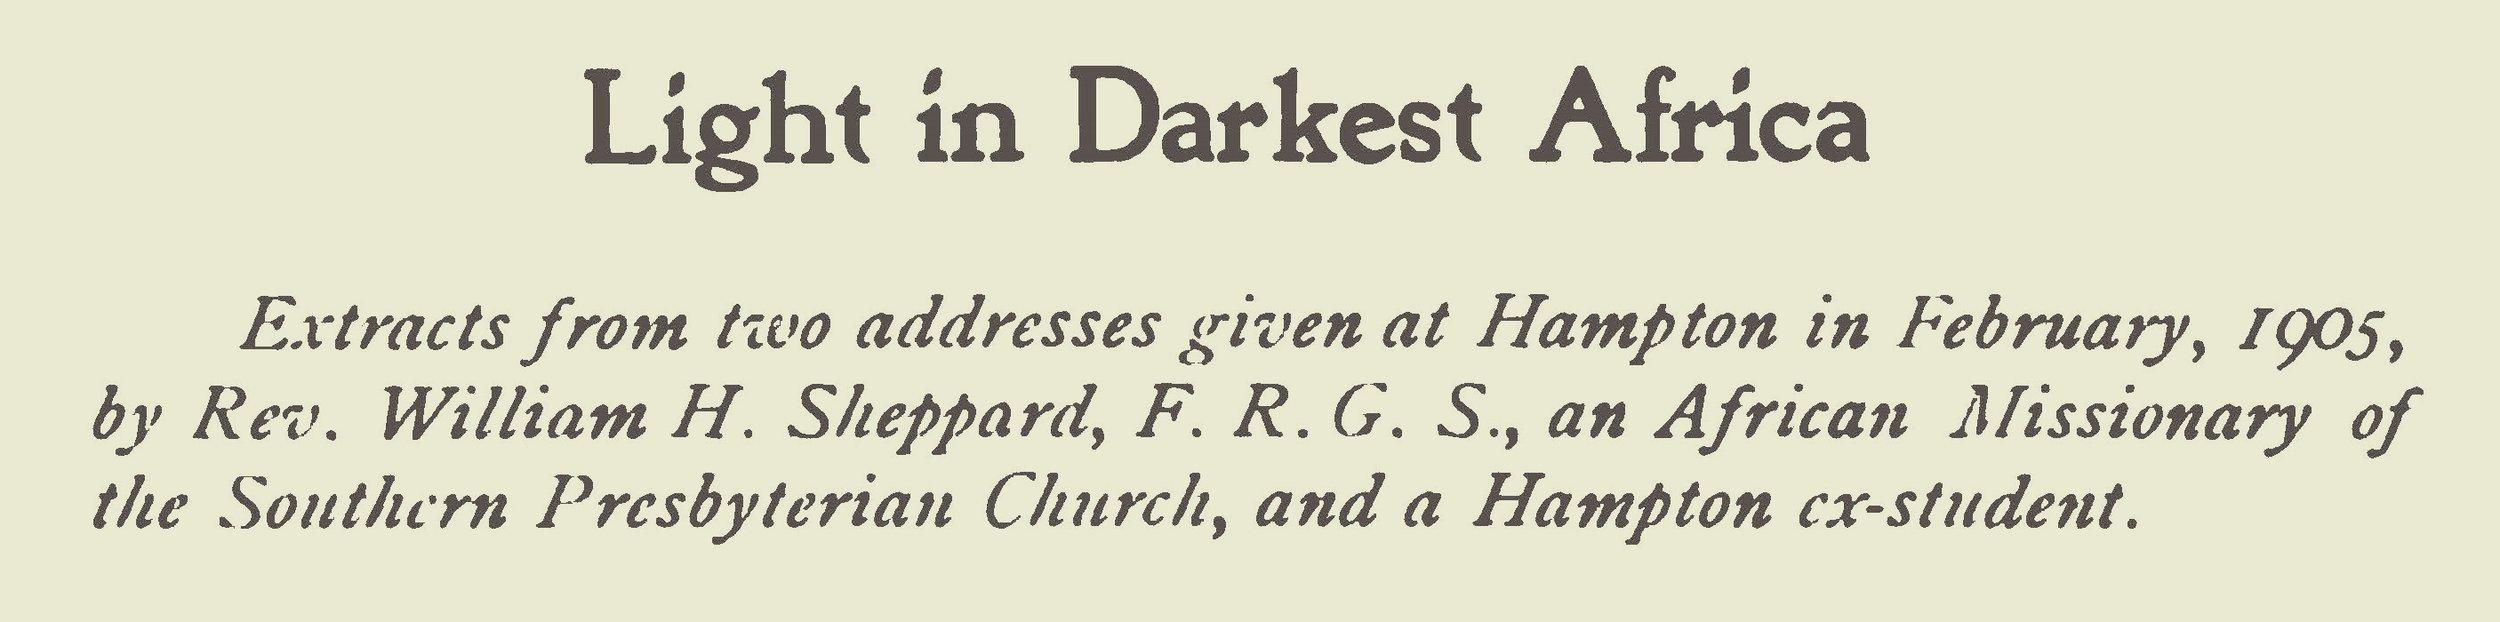 Sheppard, William Henry, Light in Darkest Africa Title Page.jpg